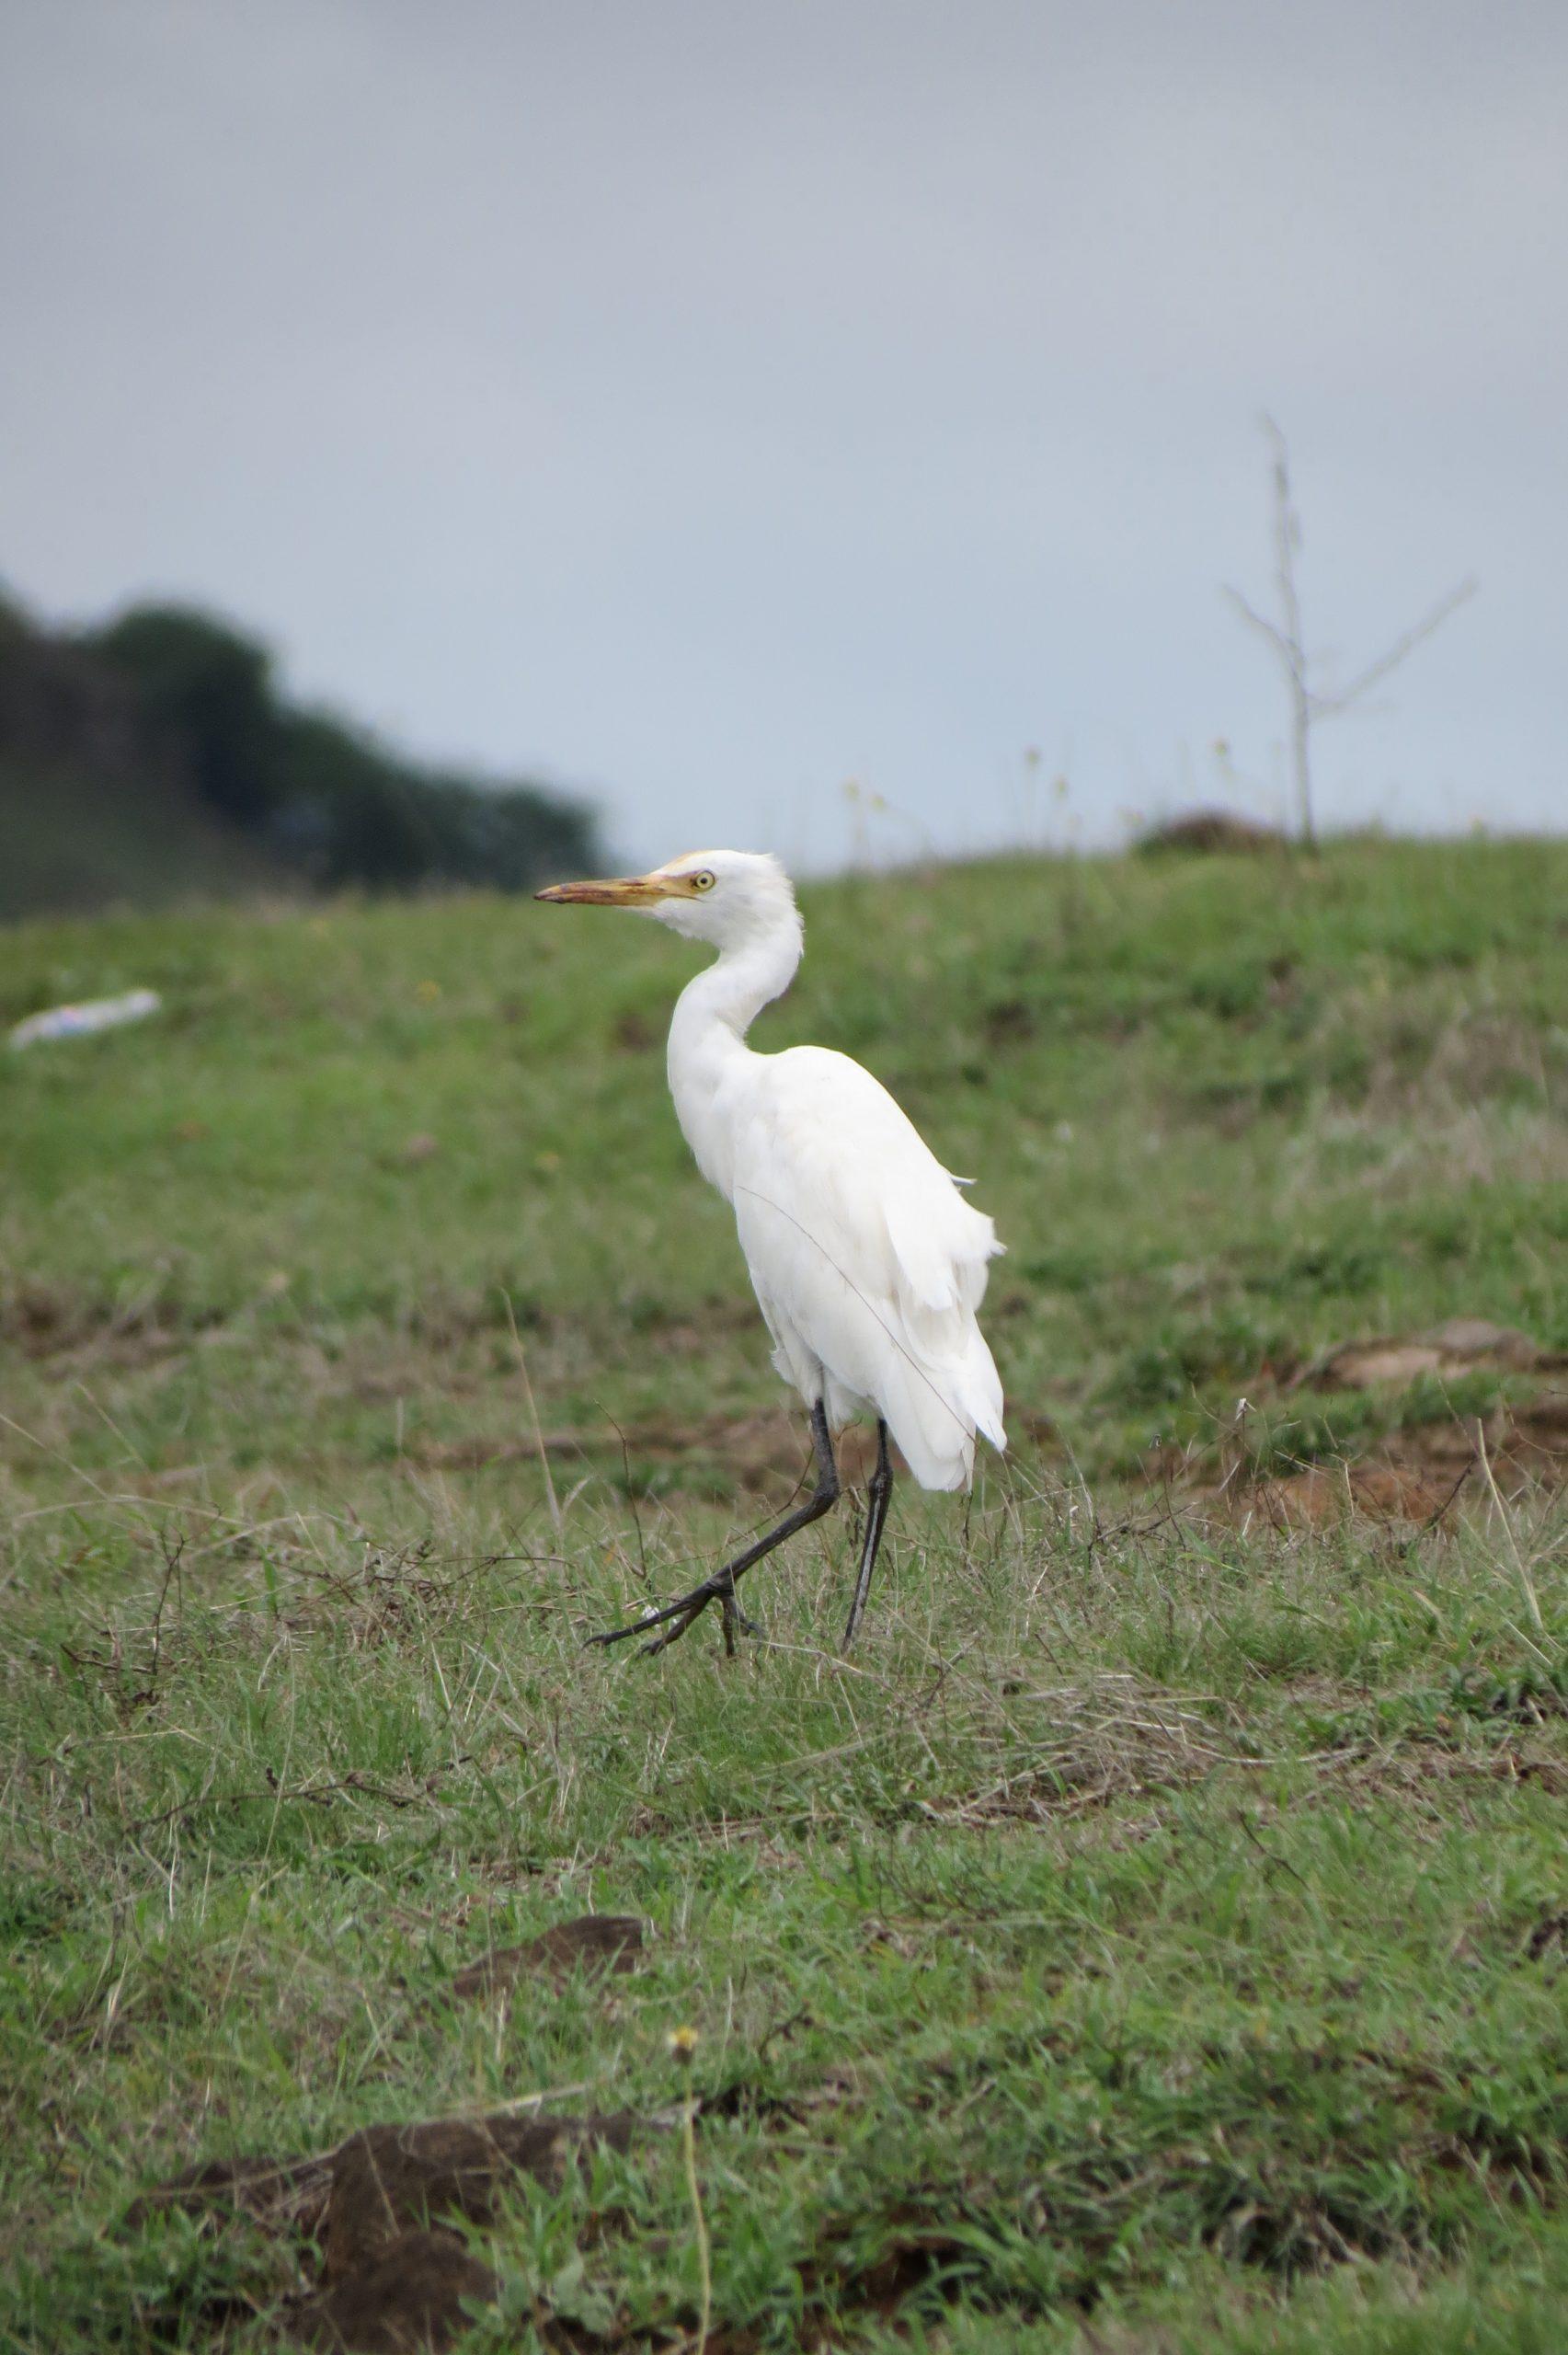 Egret Bird on the Ground